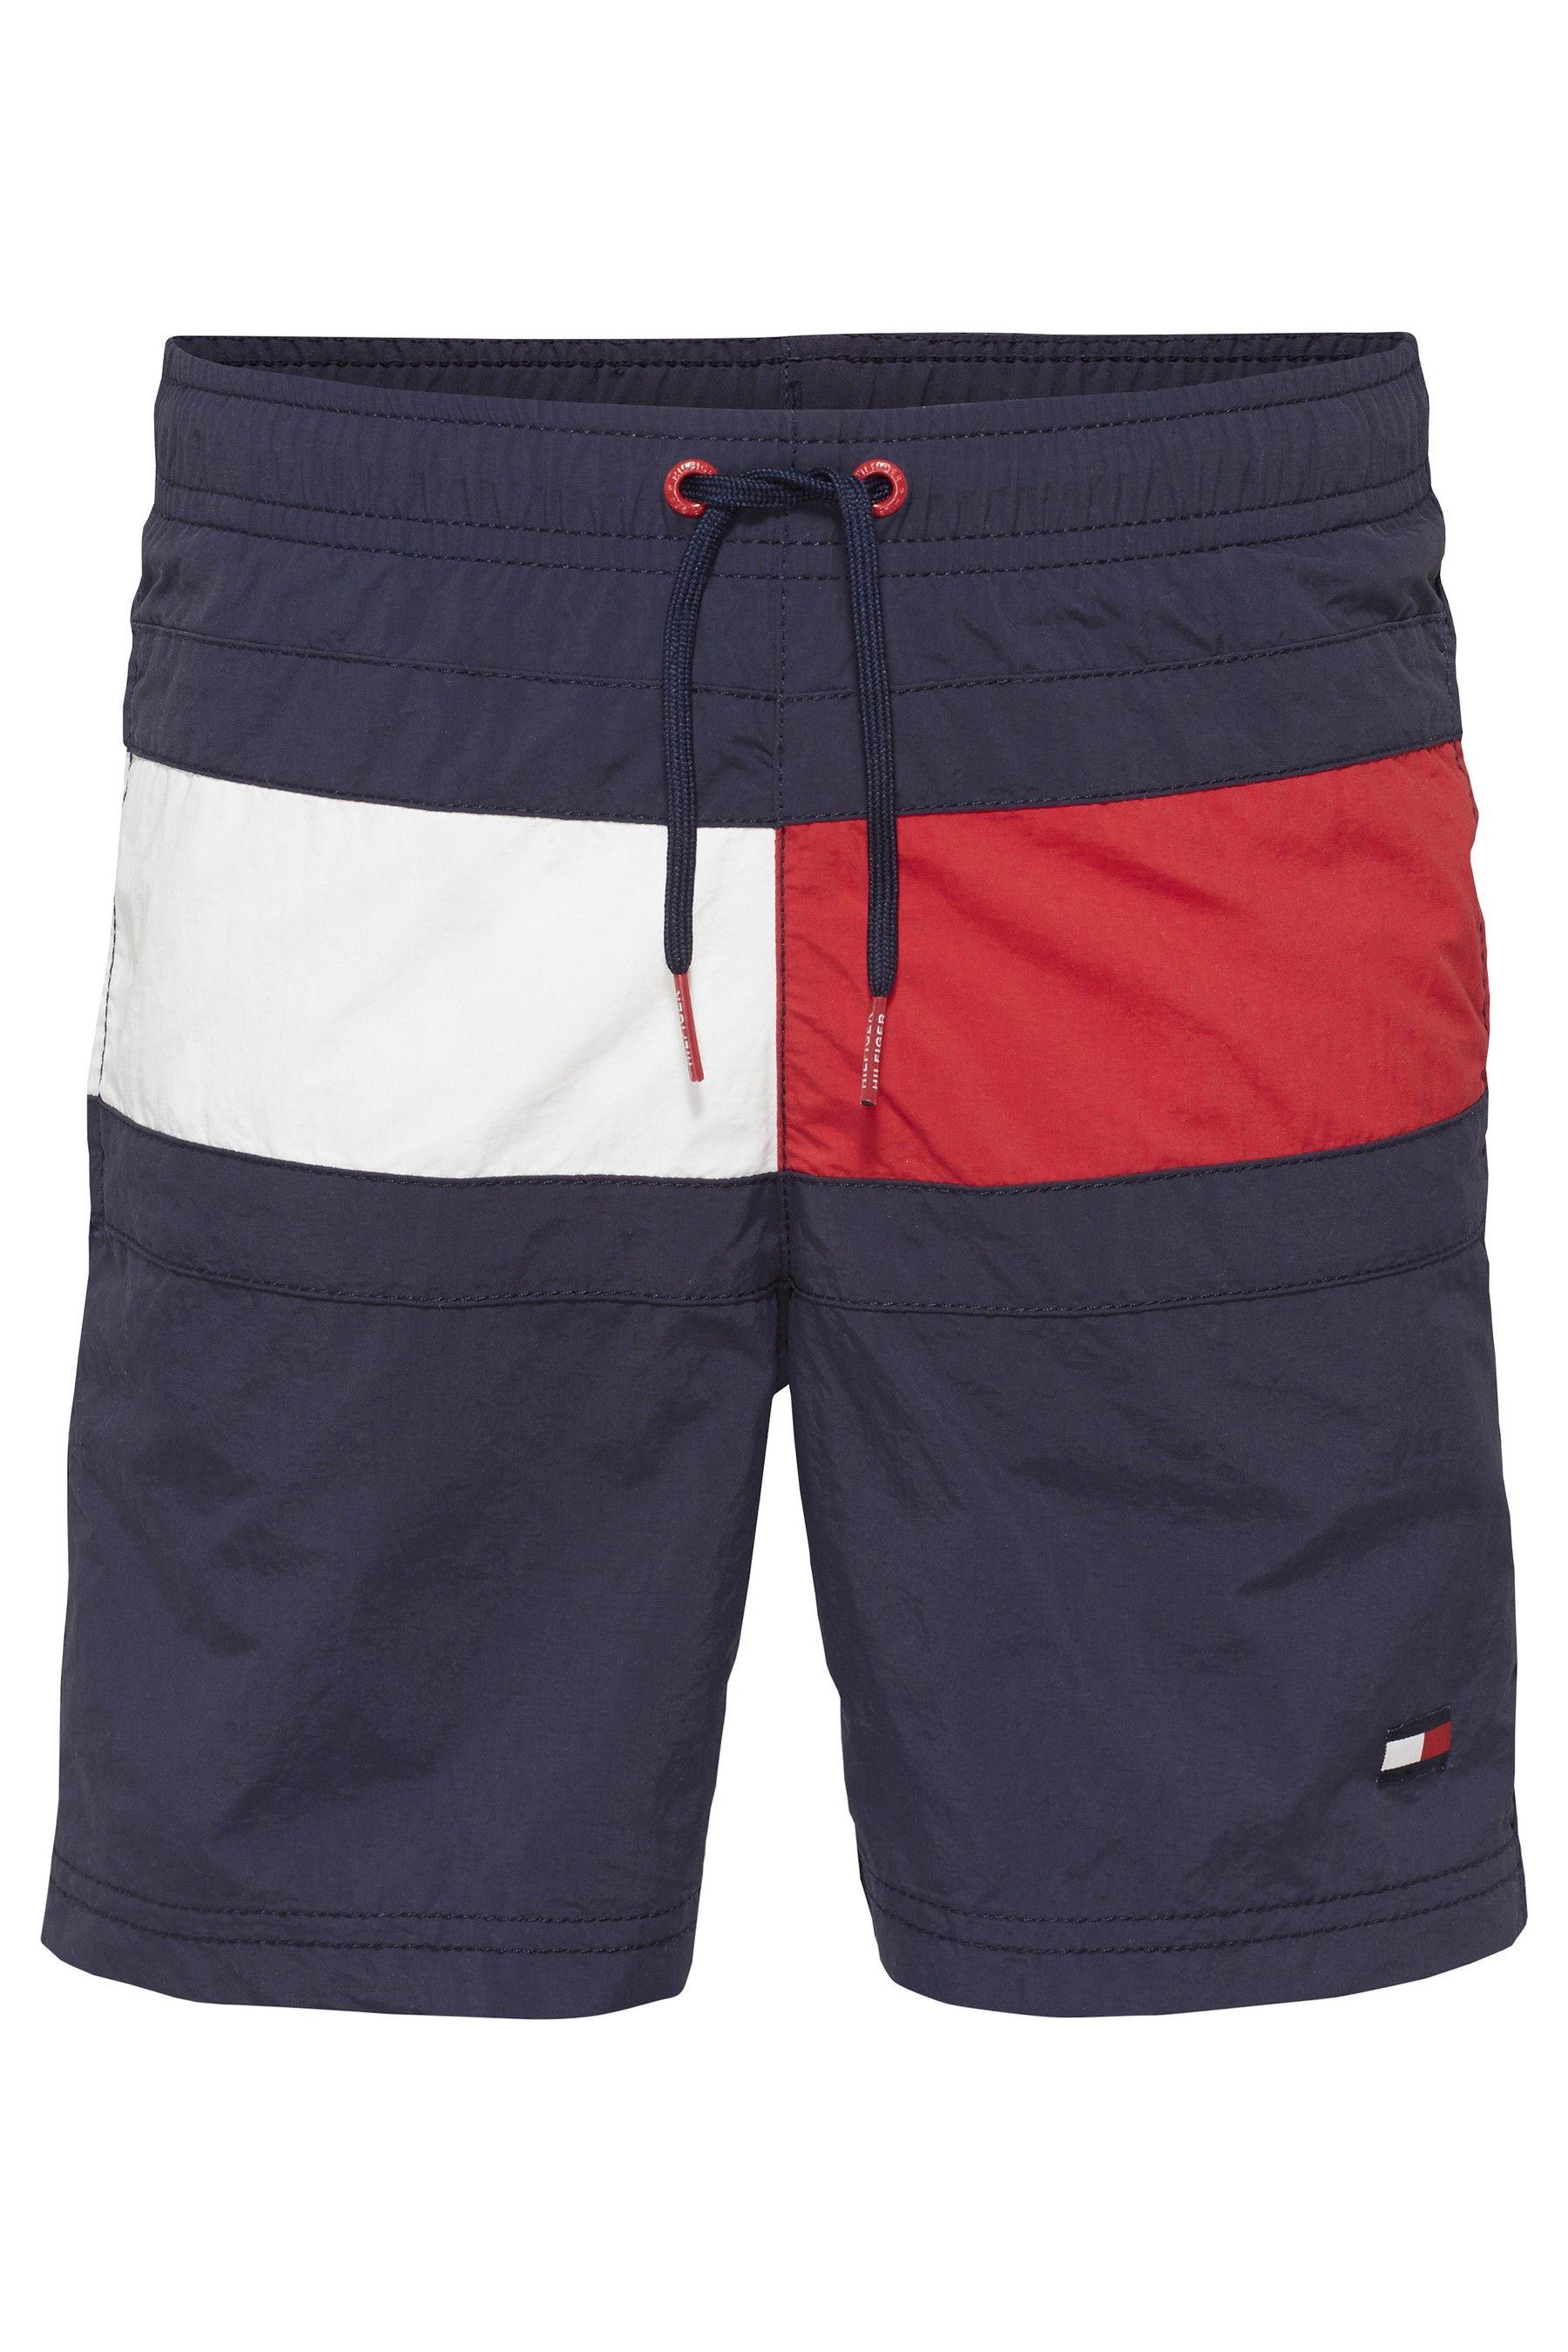 Navy Blazer Tommy Hilfiger Drawstring Swim Shorts